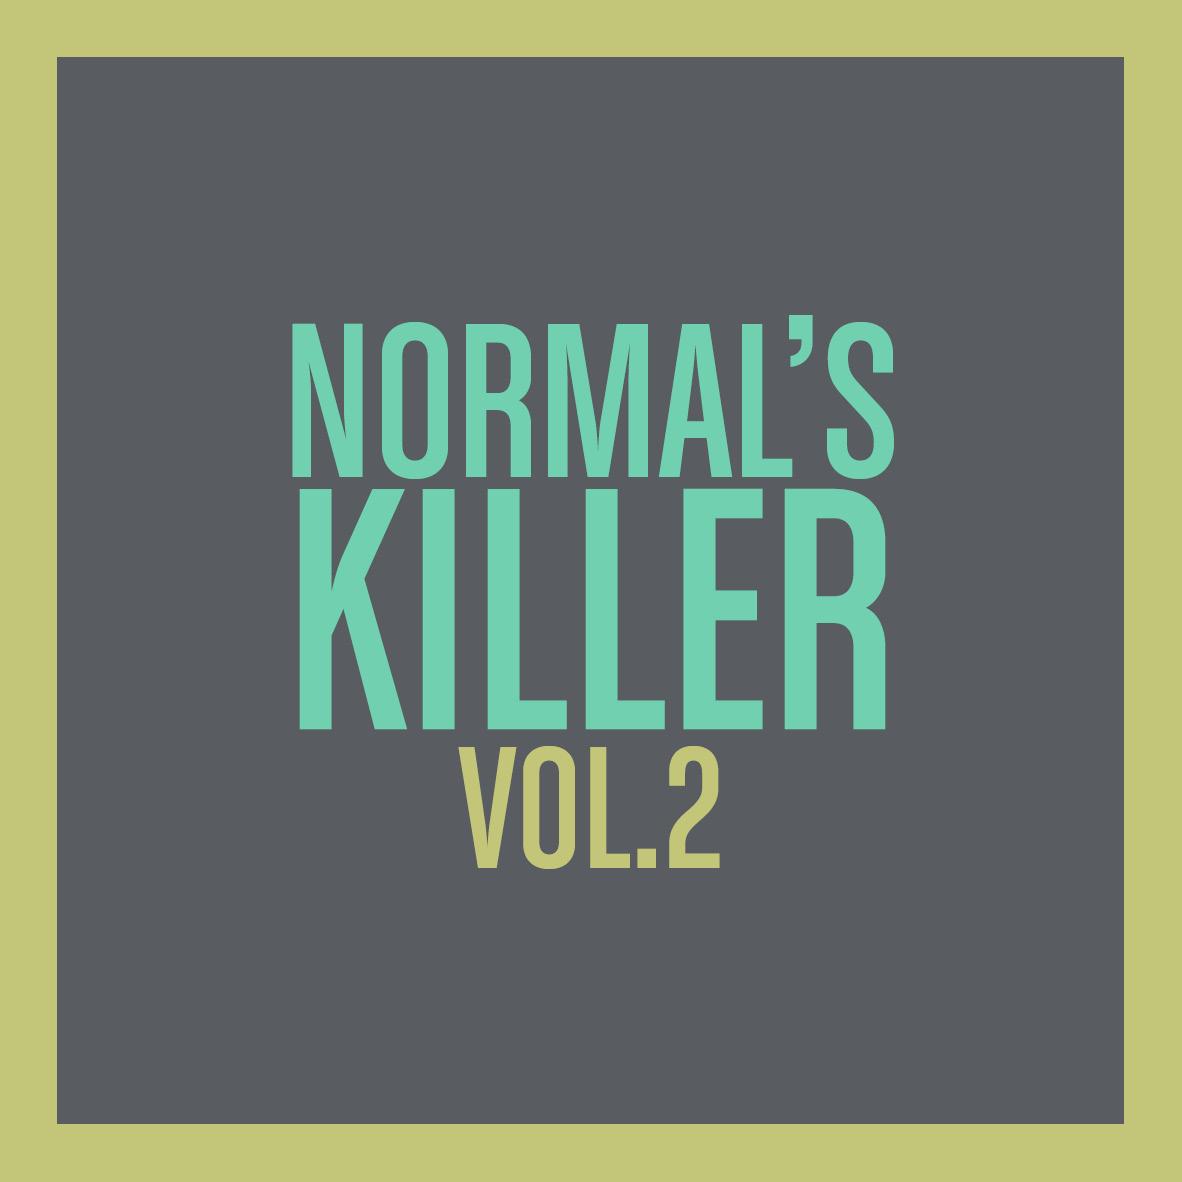 normalskiller_vol2